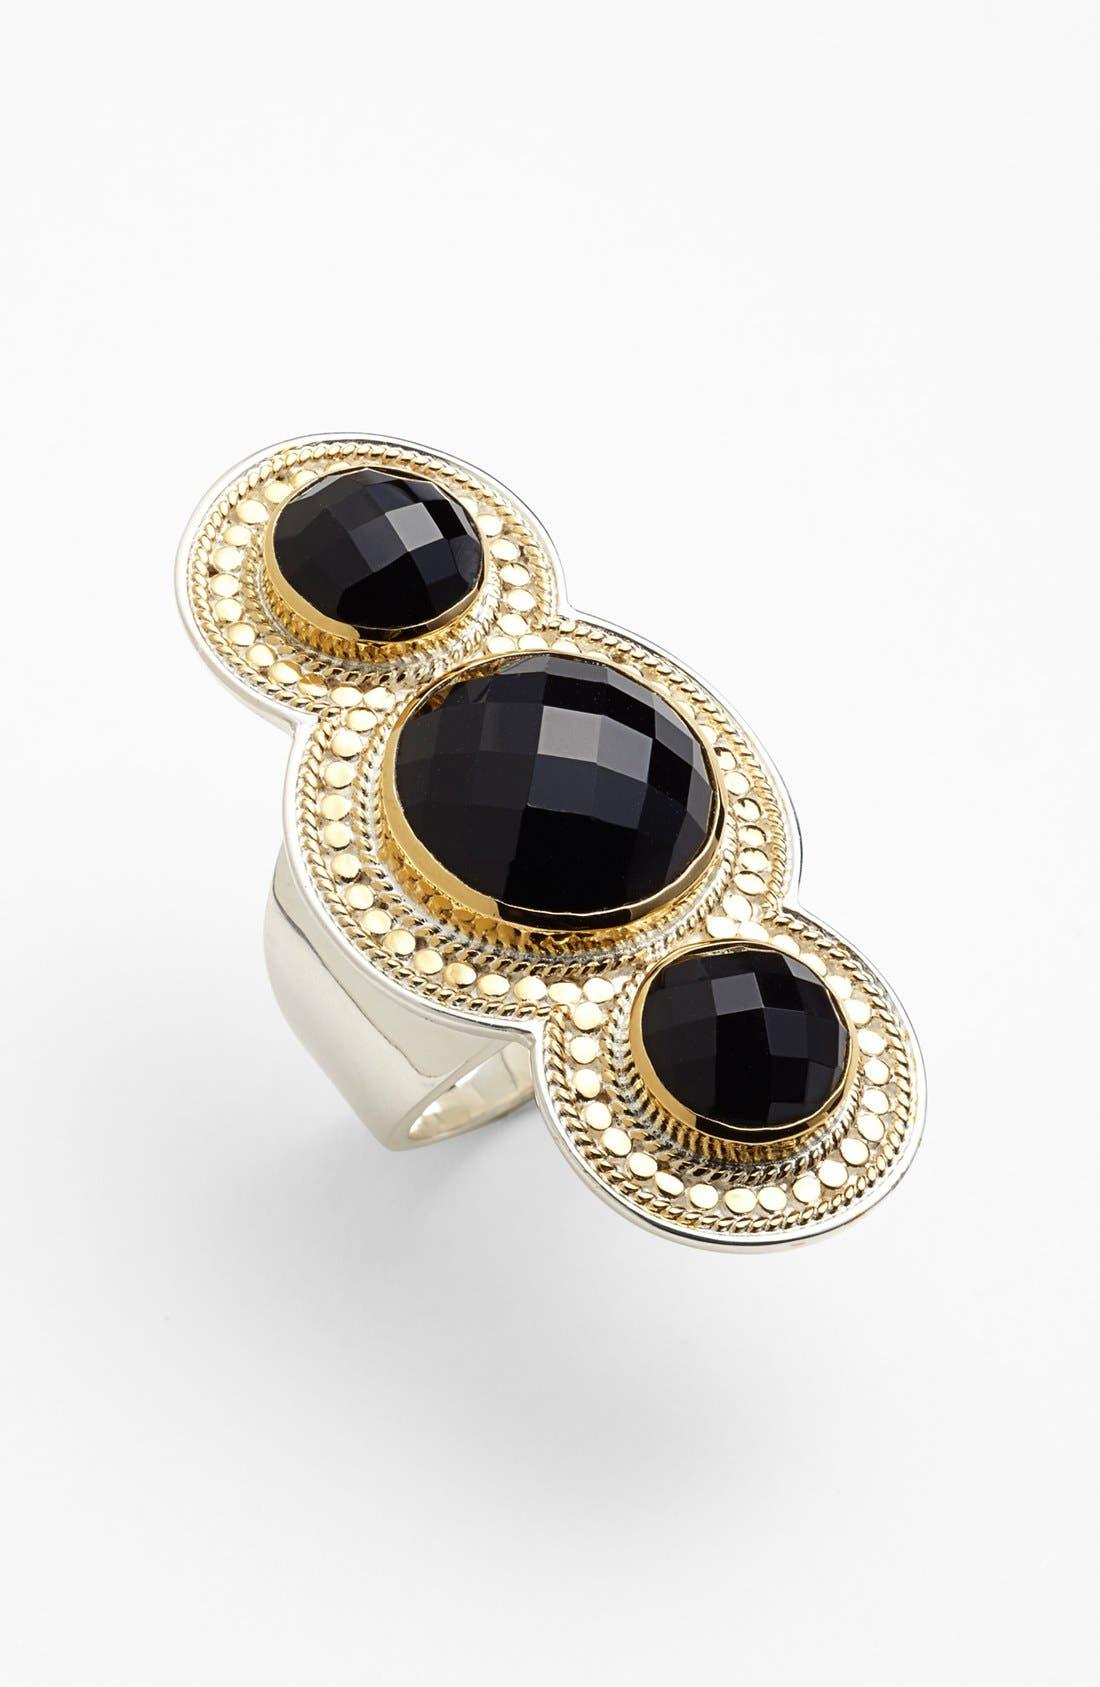 Main Image - Anna Beck 'Gili' 3-Stone Ring